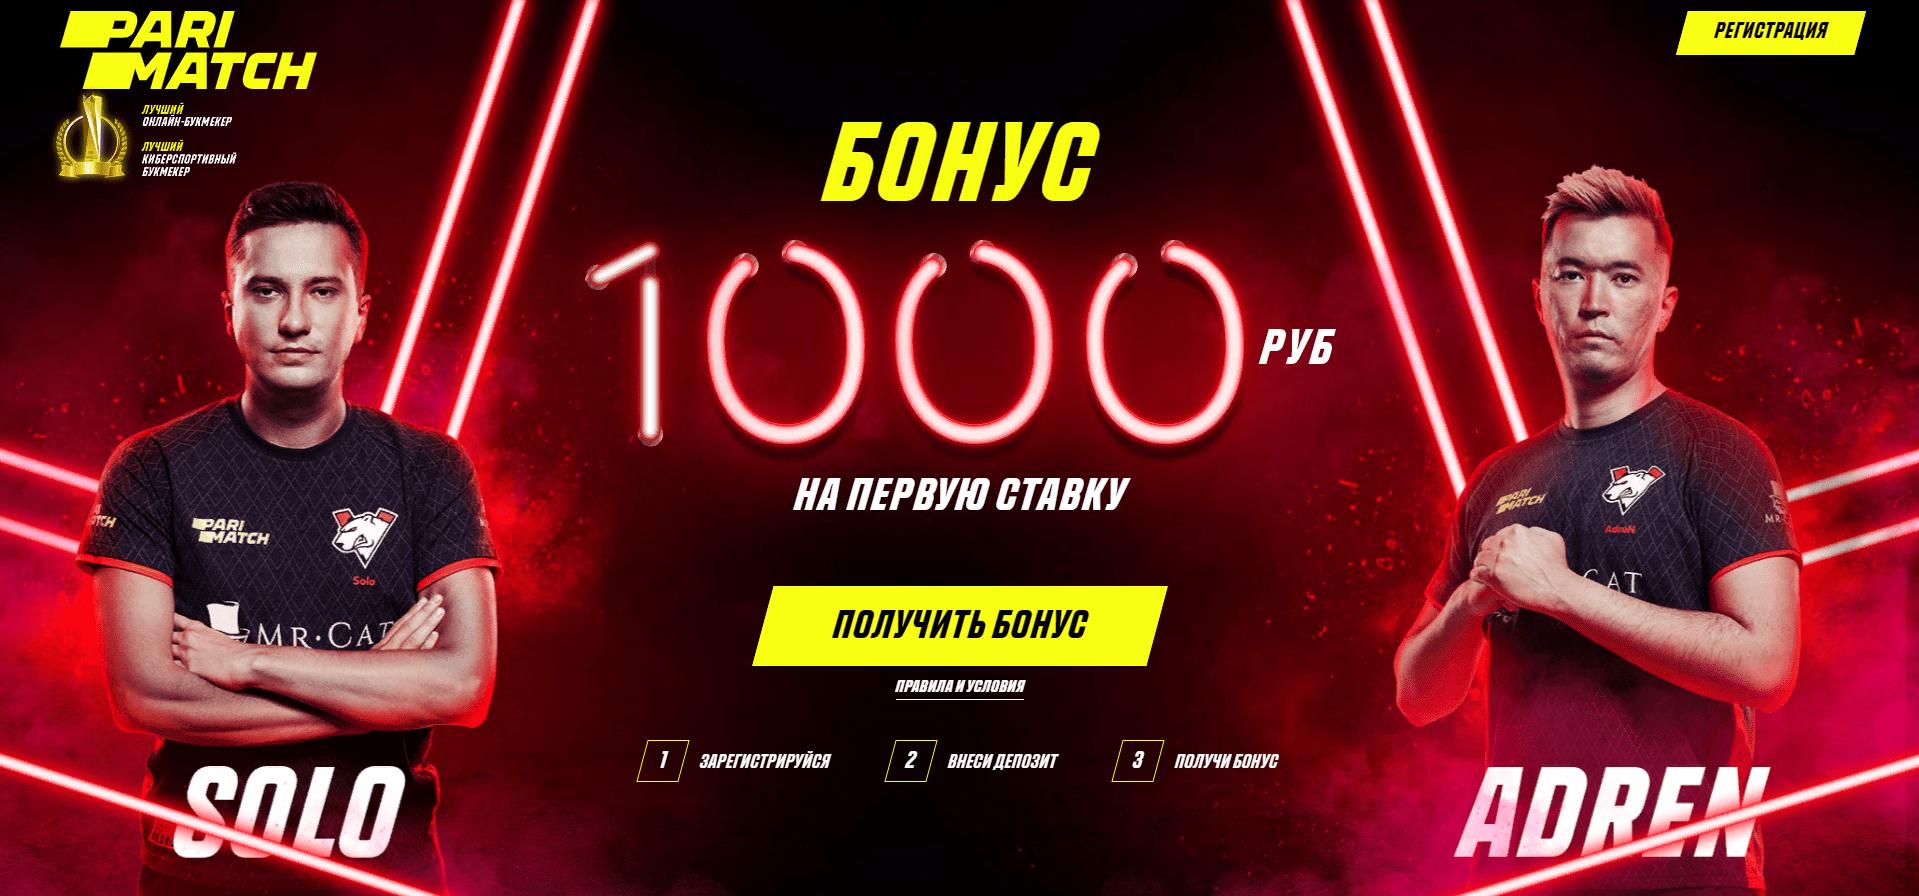 Фрибет-бонус 1000 рубле в БК Париматч